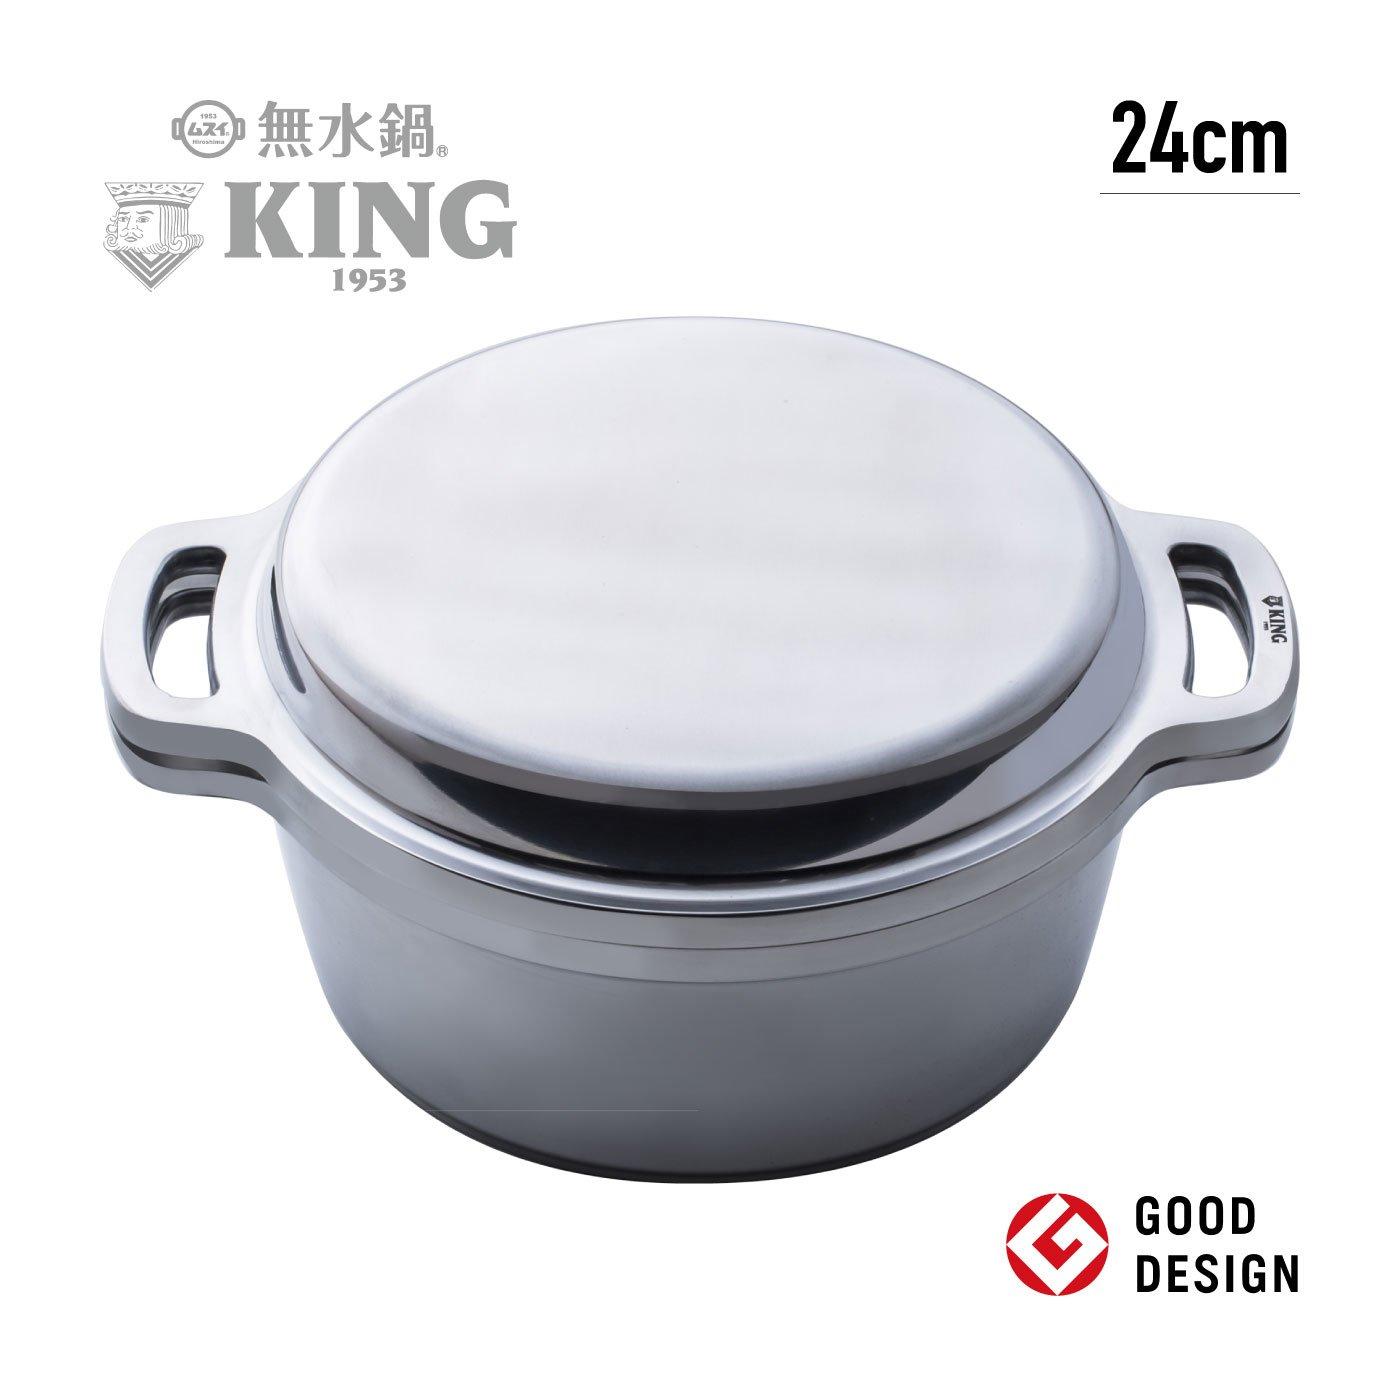 料理も、人も水入らず 時代を超えて受け継がれる KING無水鍋(R)24cm